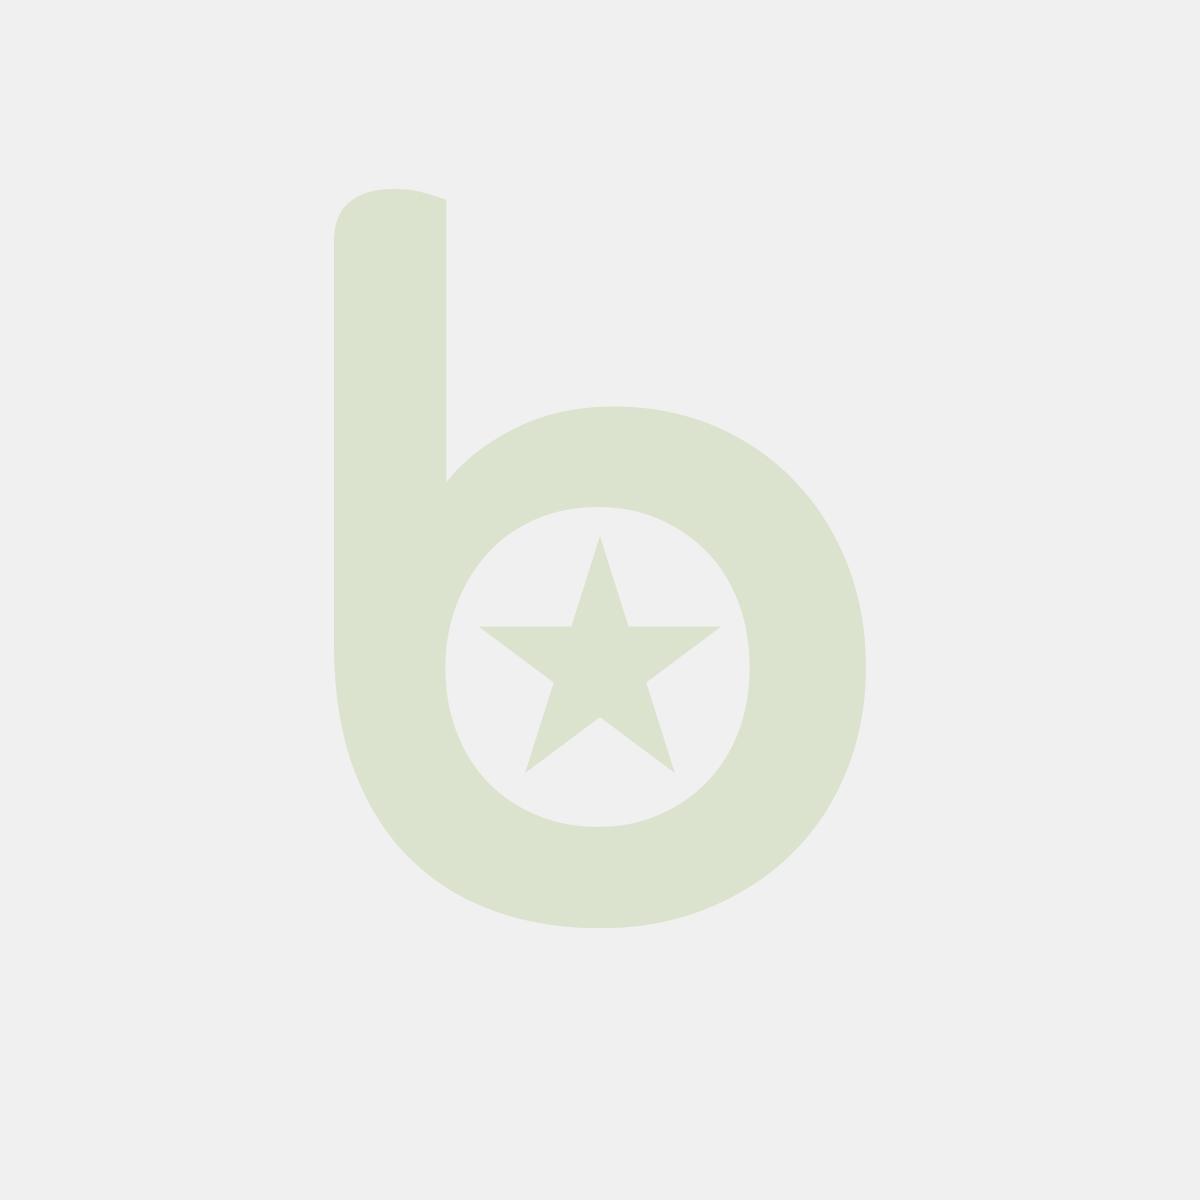 Torba klockowa, 360x200x h.275, ucho skręcone brązowa, nadruk EKO